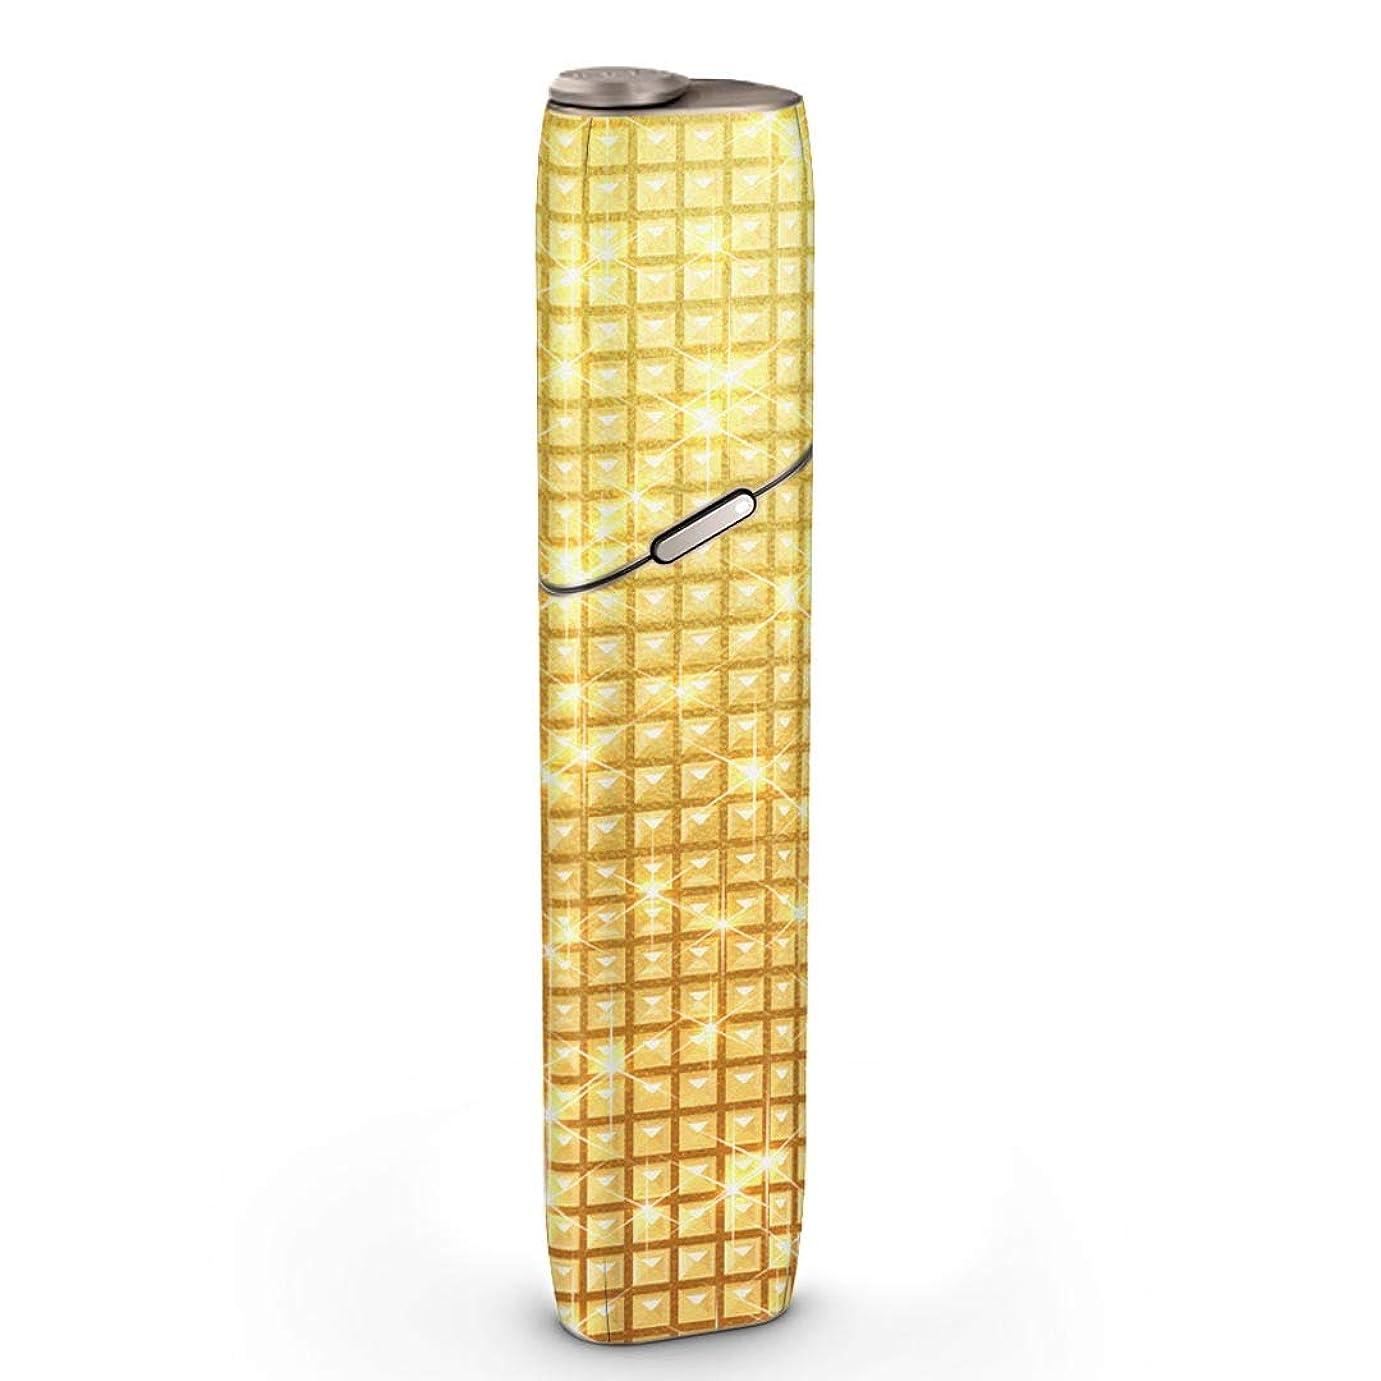 再現する顔料先例igsticker IQOS3 MULTI 専用 デザインスキンシール IQOS 3 マルチ 対応 シール IQOS 3 multi 専用スキンシール フル IQOSmulti 用アクセサリ 保護シール 002458 ラグジュアリー ゴールド シンプル